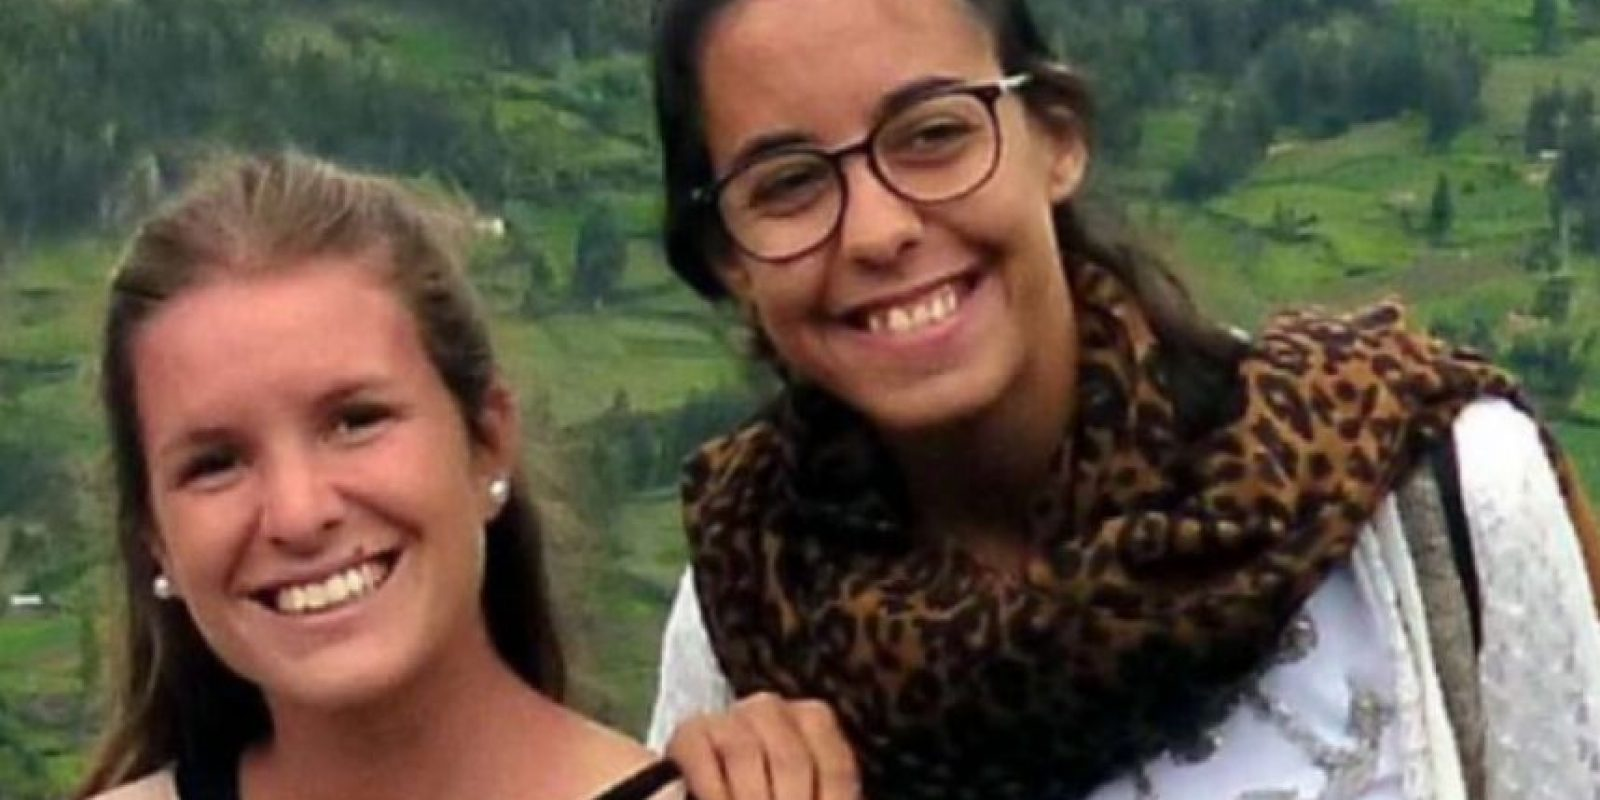 Marina Menegazzo, de 21 años y María José Coni, de 22 años, eran dos jóvenes argentinas de la provincia de Mendoza que fueron asesinadas en el pueblo de Montañita, en Ecuador, Foto:Twitter.com – Archivo